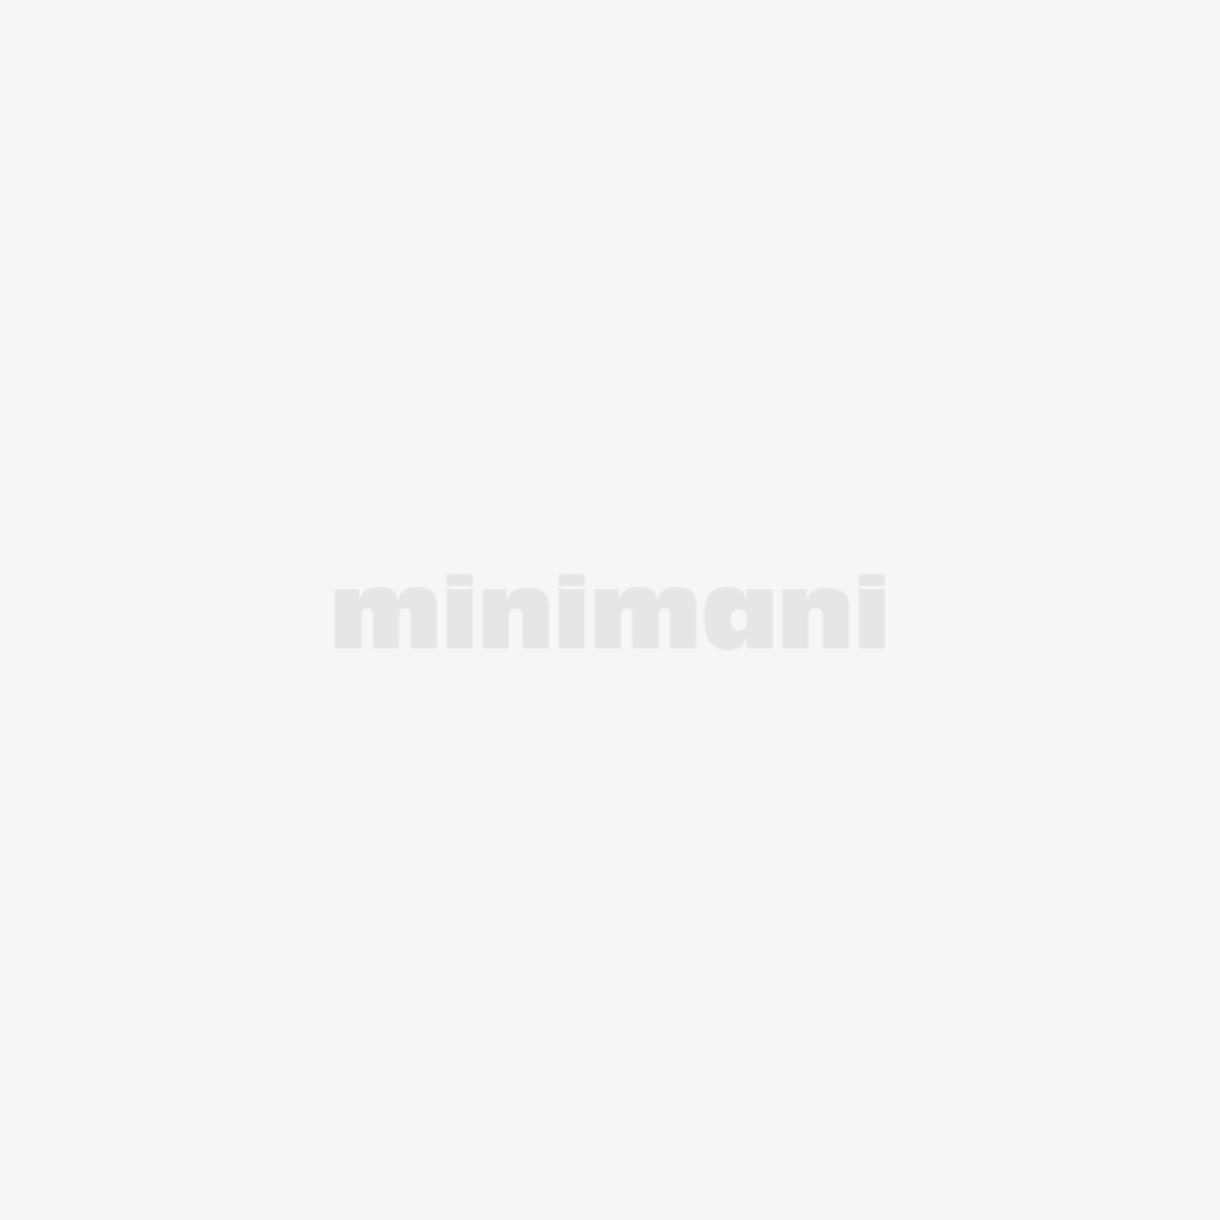 M-FILTER RAITISILMASUODATIN MAC 8026